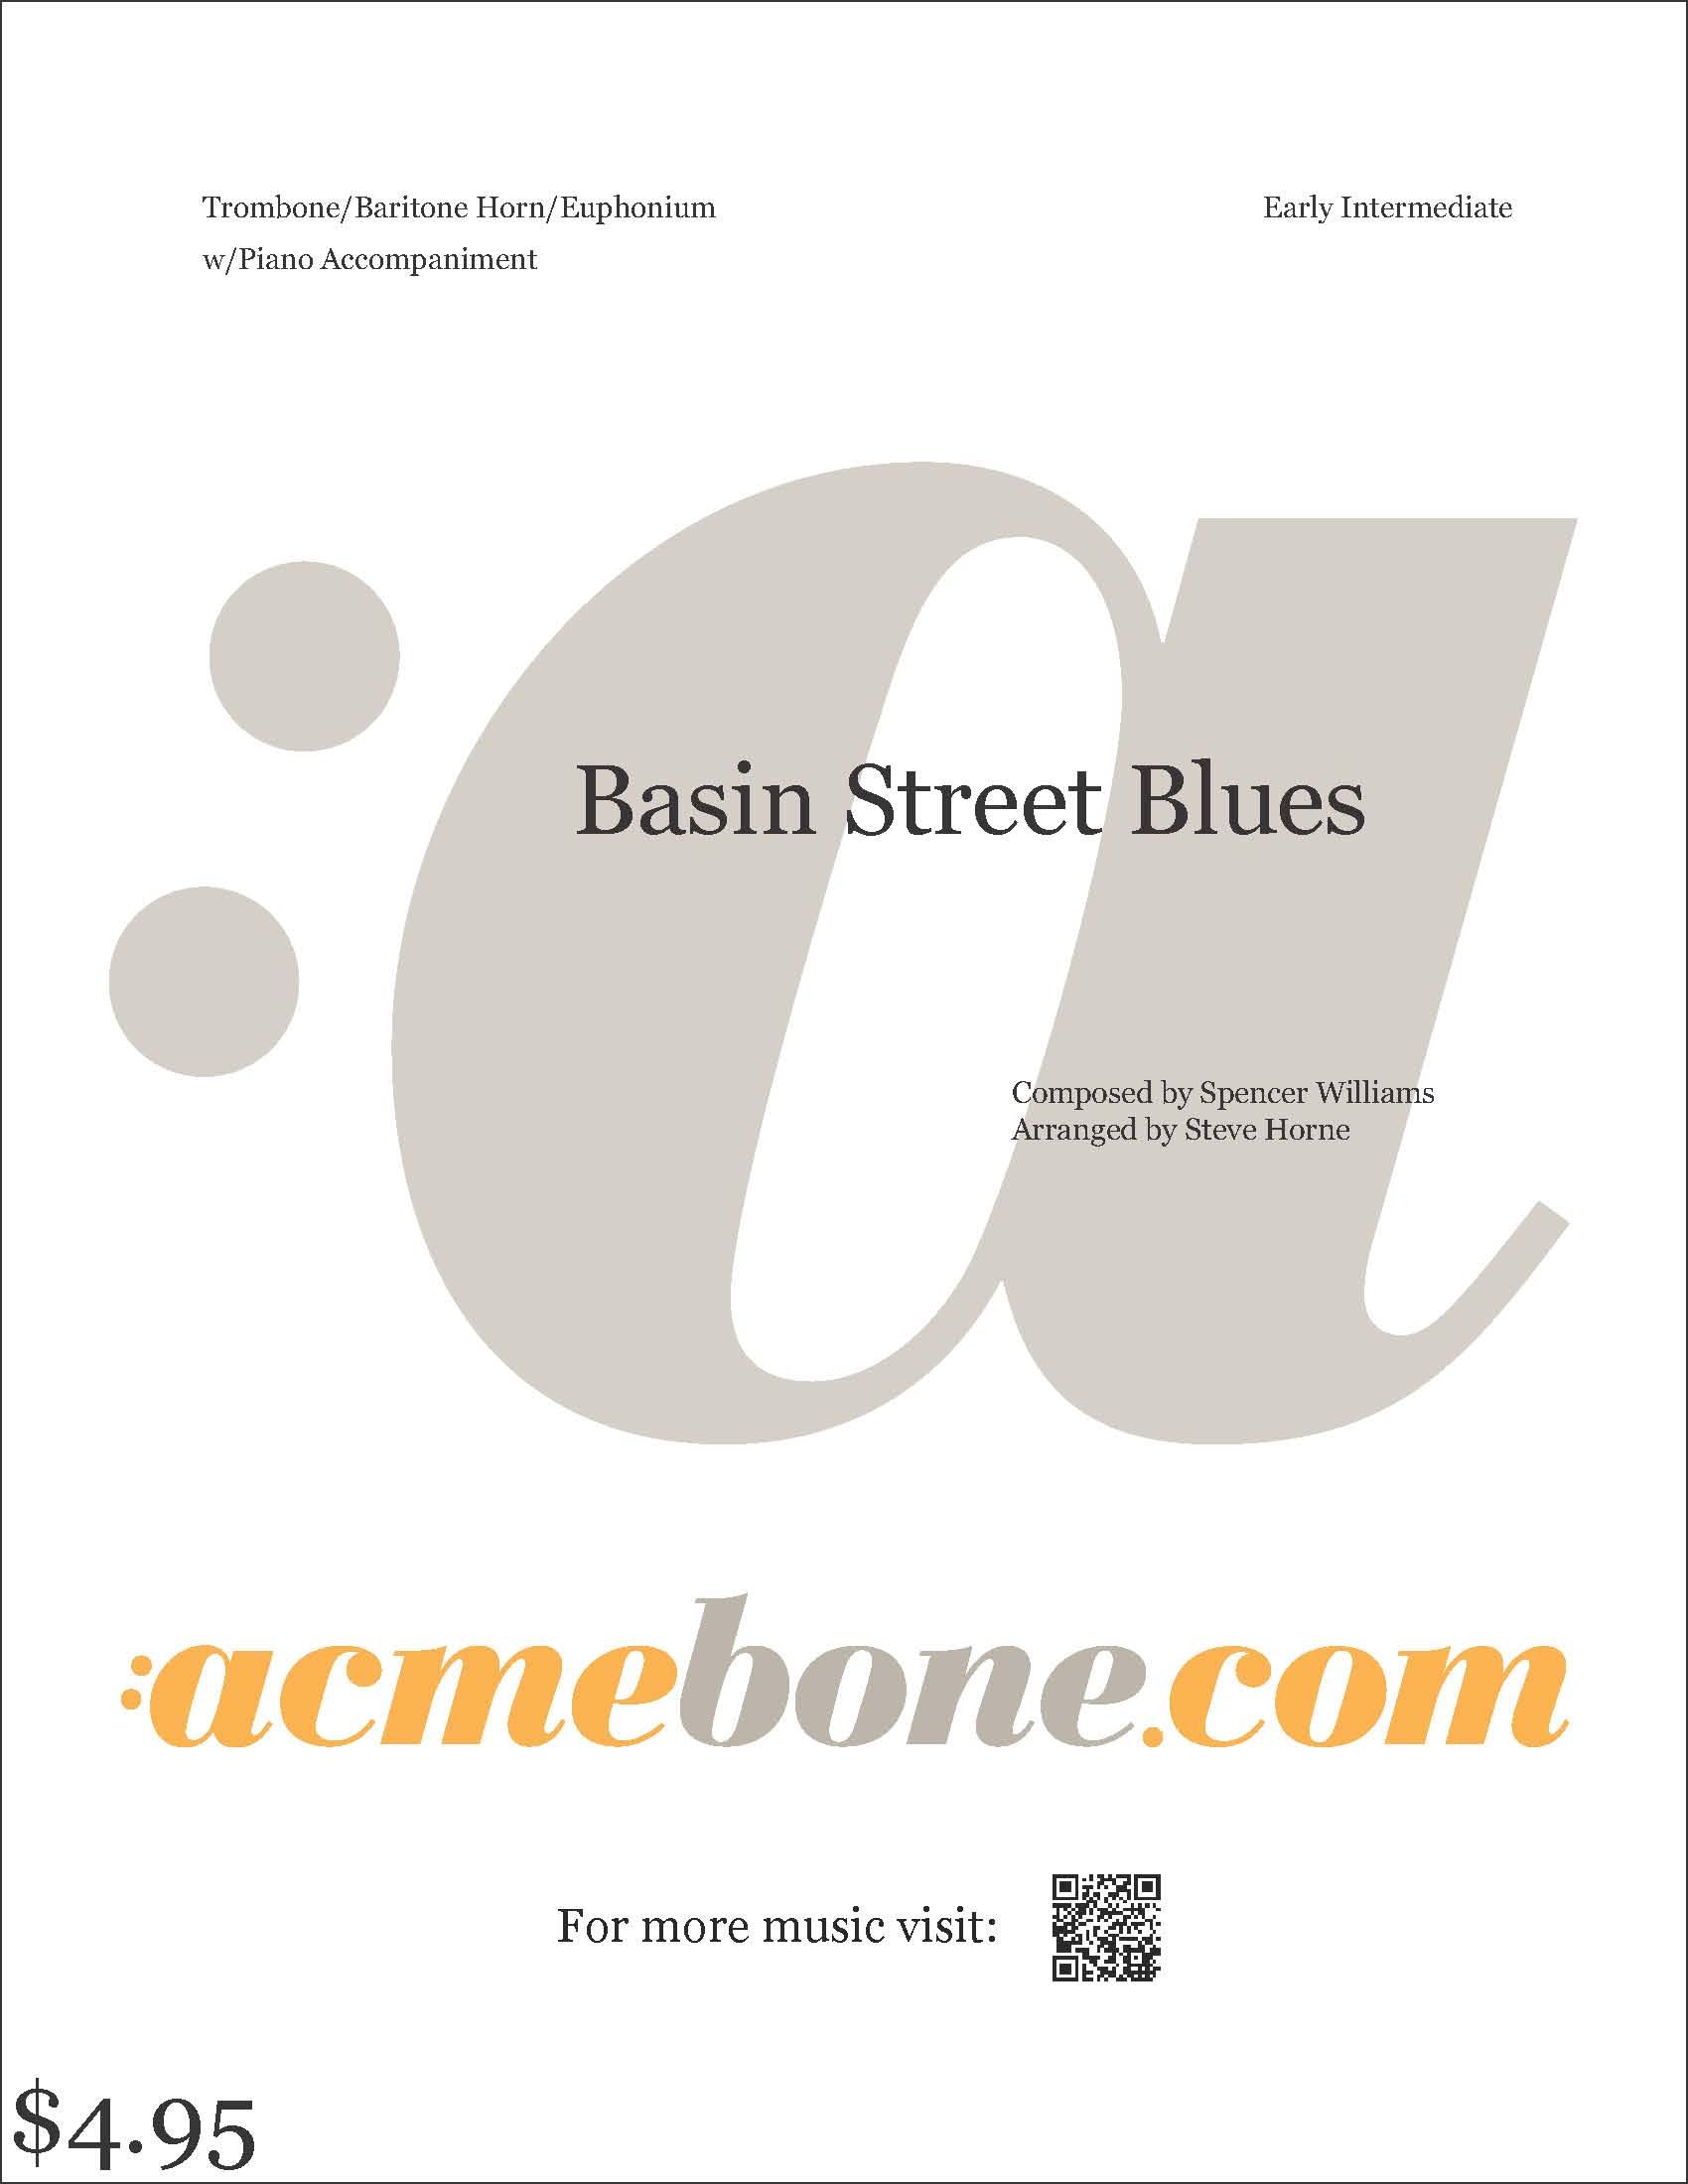 Basin Street Blues_digital_cover_w-bo_price.jpg